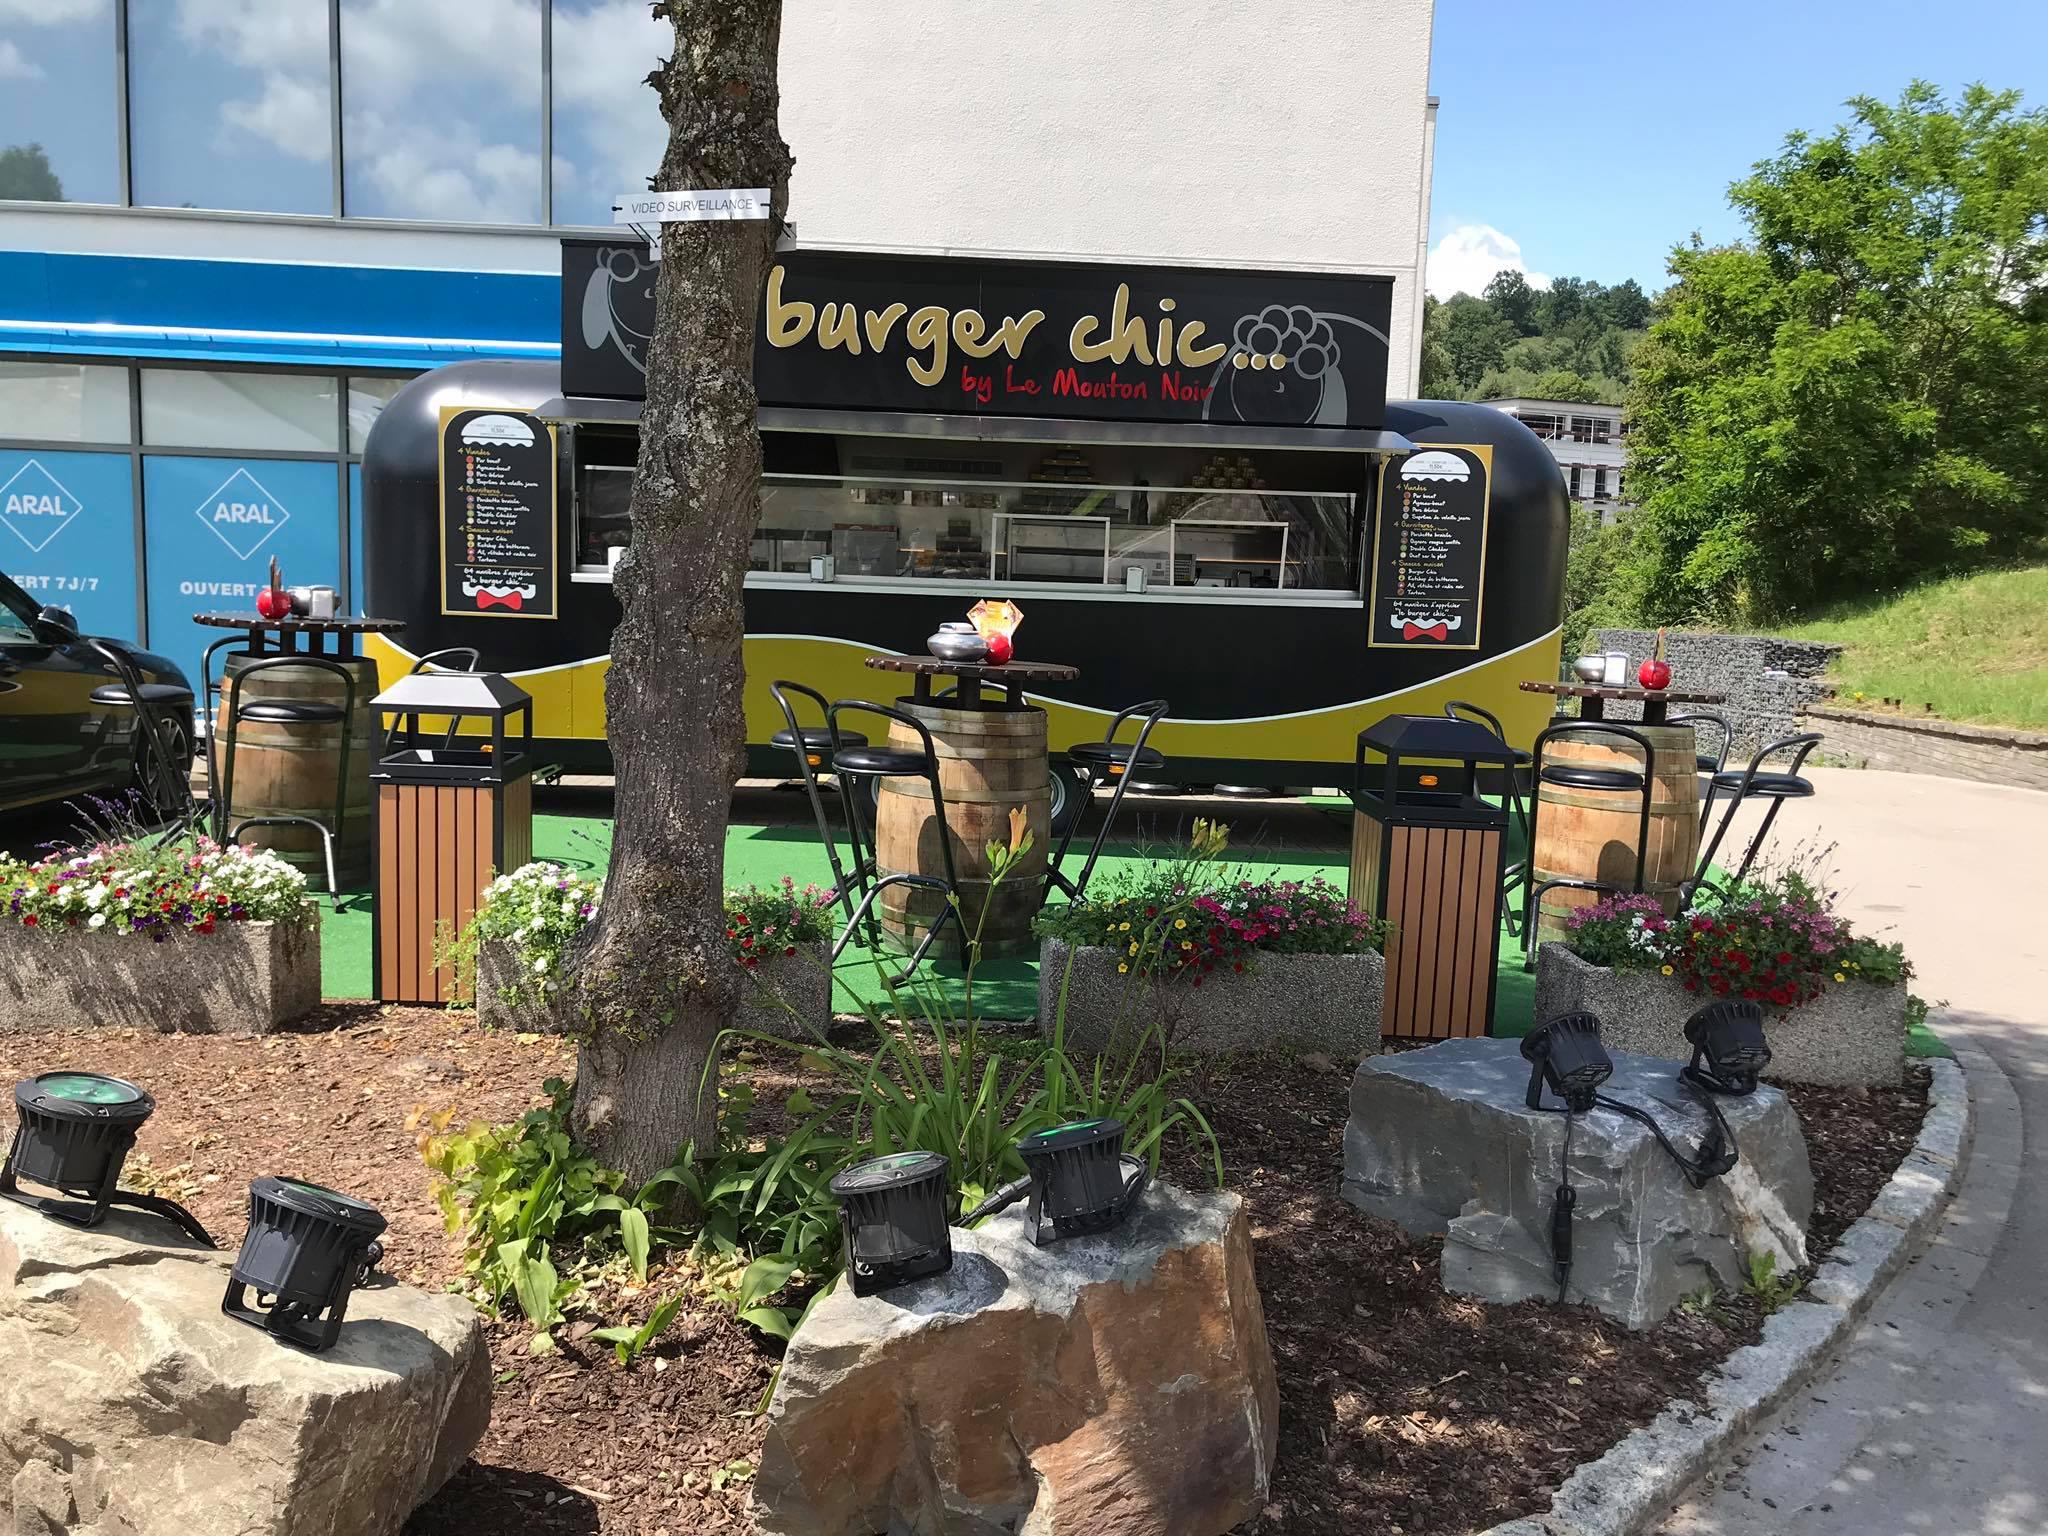 Le Burger chic